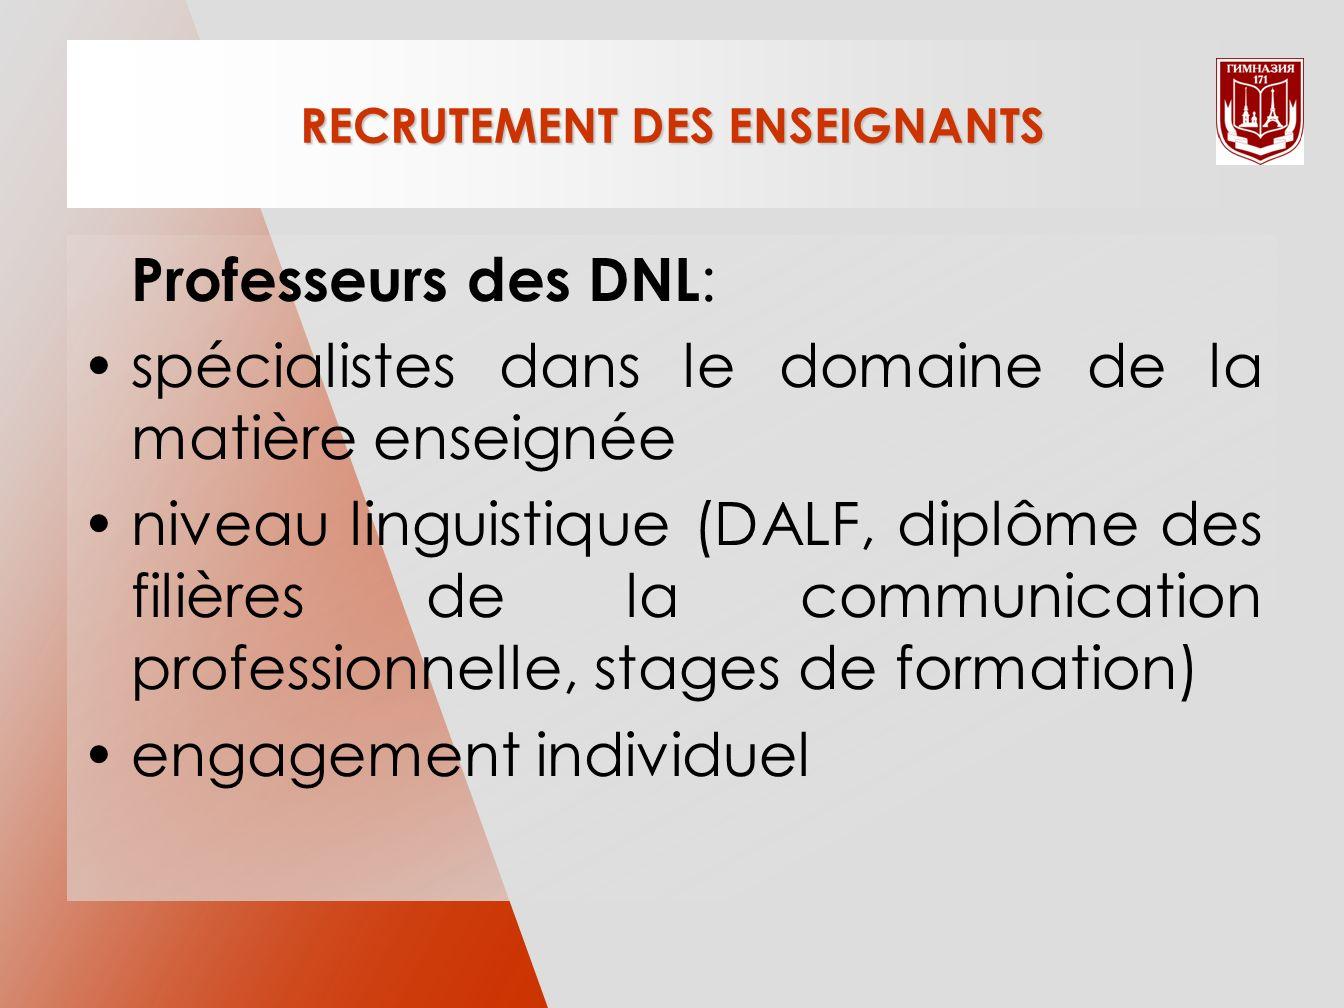 RECRUTEMENT DES ENSEIGNANTS Professeurs des DNL : spécialistes dans le domaine de la matière enseignée niveau linguistique (DALF, diplôme des filières de la communication professionnelle, stages de formation) engagement individuel